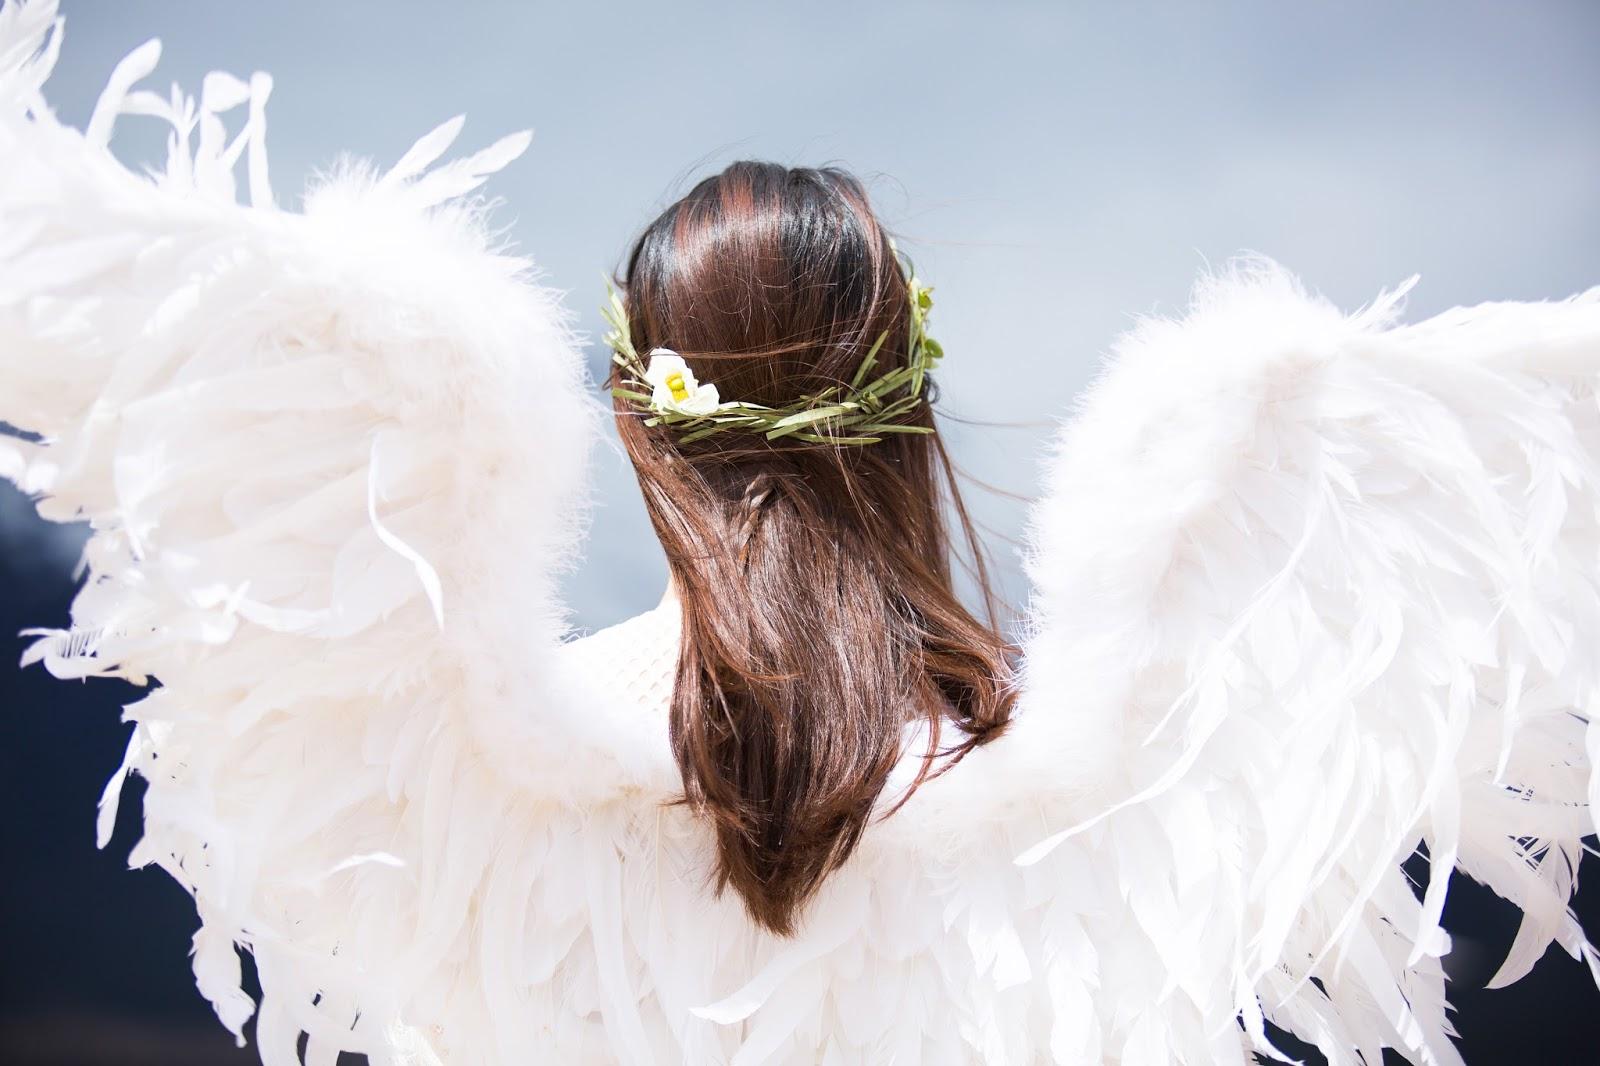 Anioł stróż w wystąpieniu publicznym